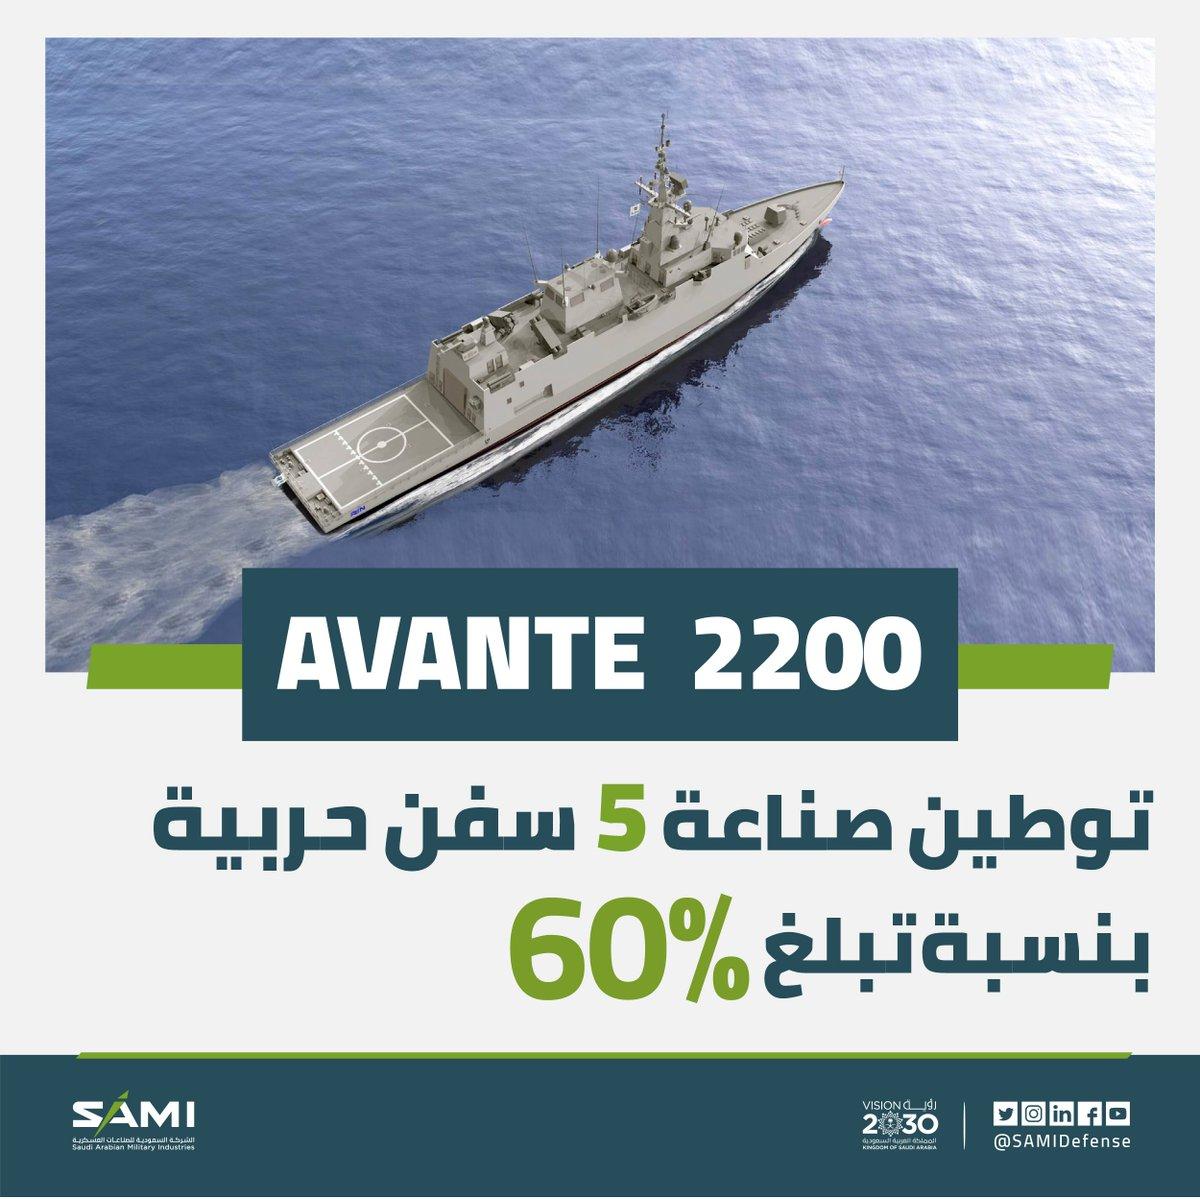 """""""السعودية للصناعات العسكرية SAMI """" تشارك شركة Navantia الاسبانيه في صناعه 5 سفن Avante 2200 Didvmb4WkAAyEIT"""